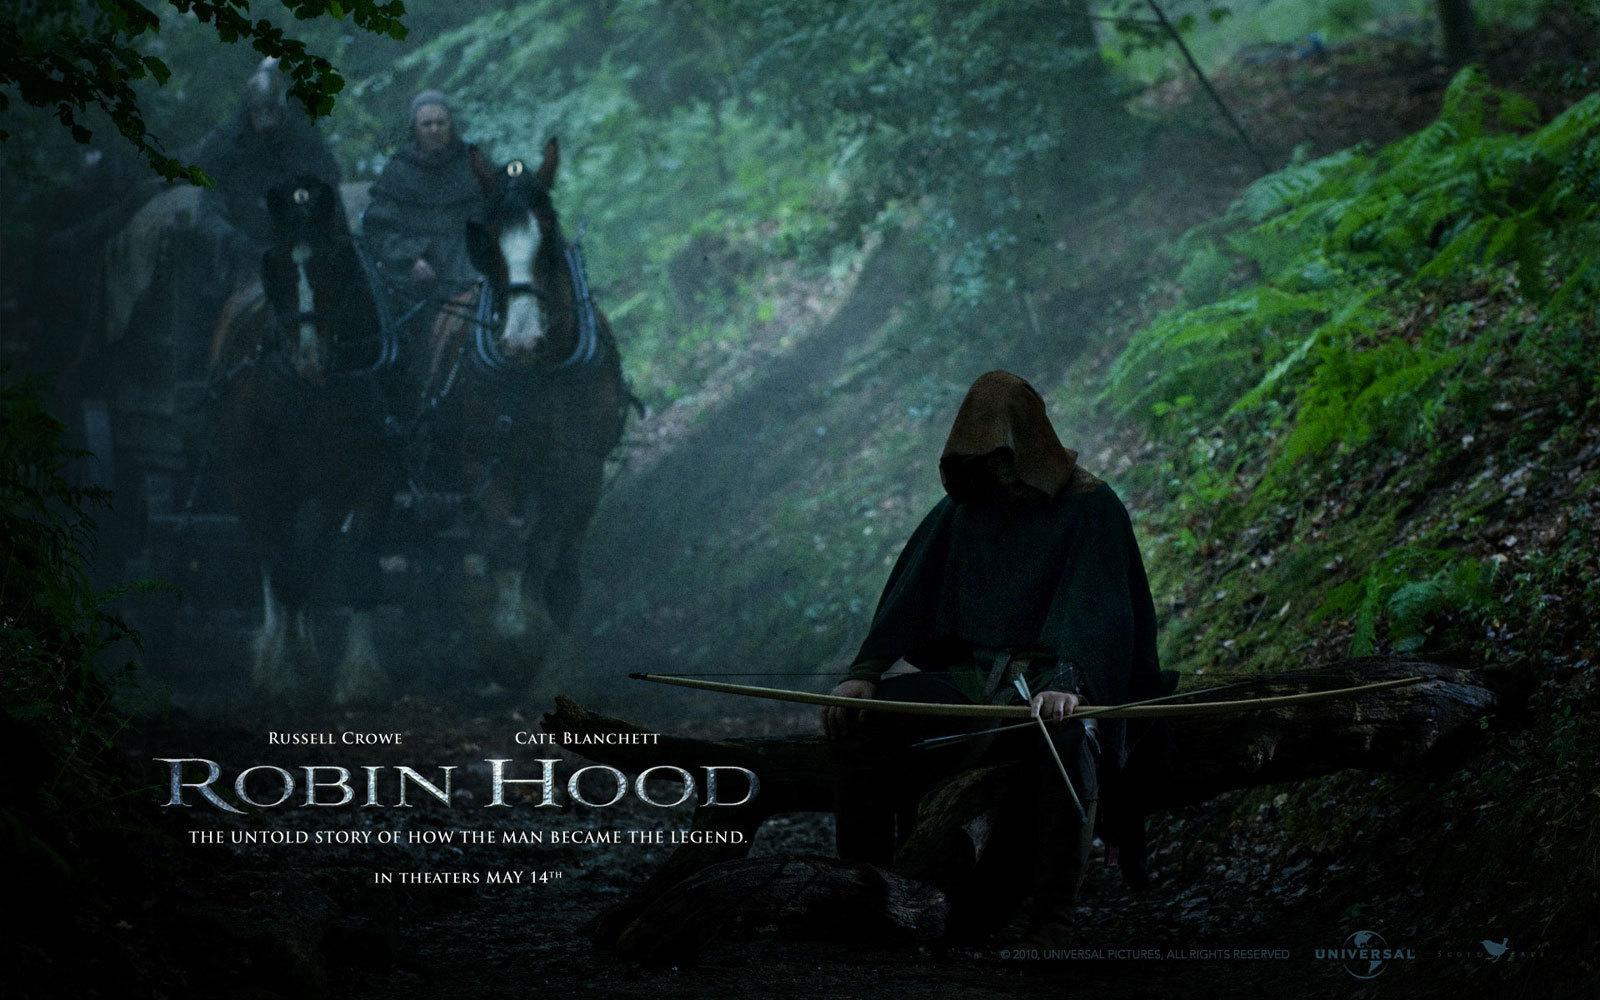 http://4.bp.blogspot.com/-MyR13-8Z1WY/UOrHuAUuIdI/AAAAAAAAAM8/QF0MHAQAkjc/s1600/Robin-Hood-robin-hood-2010-12210440-1600-1000.jpg